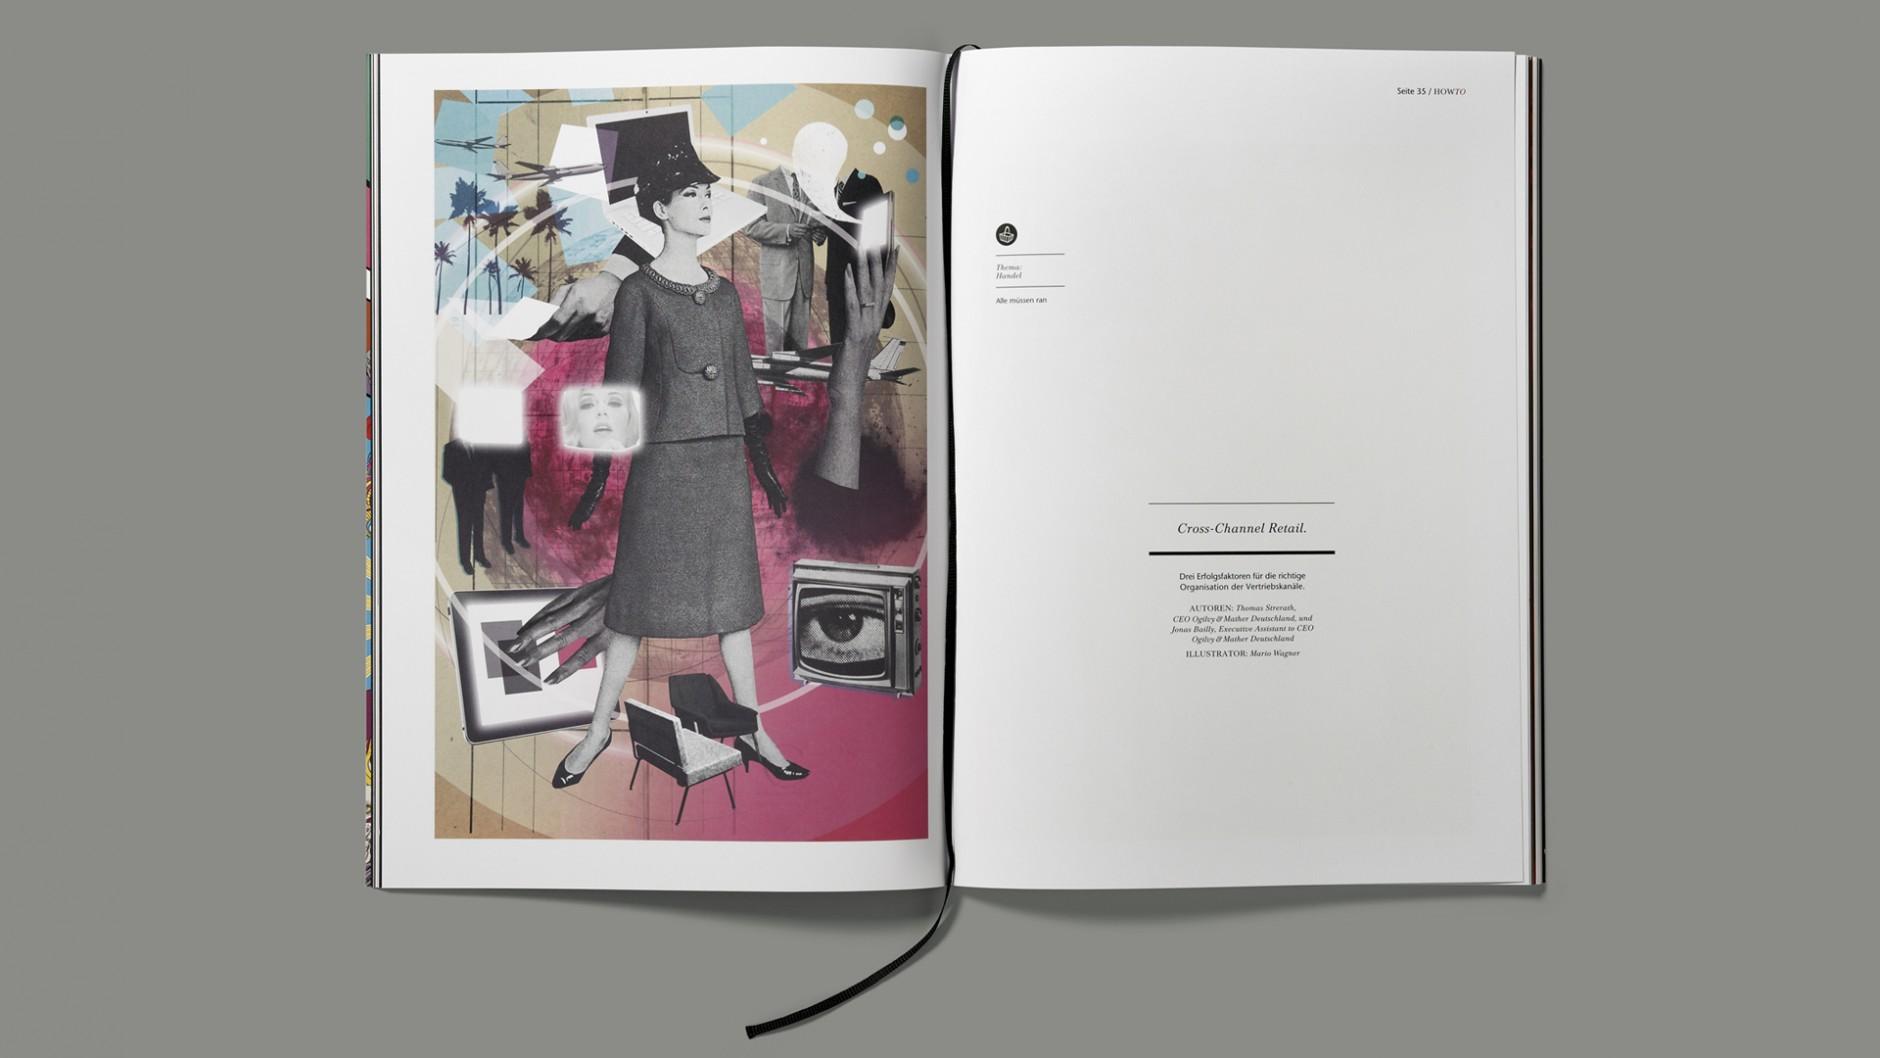 Kategorie Unternehmenskommunikation: HOWTo Magazine II; Kunde: Ogilvy Deutschland; Einsender: Ogilvy Frankfurt